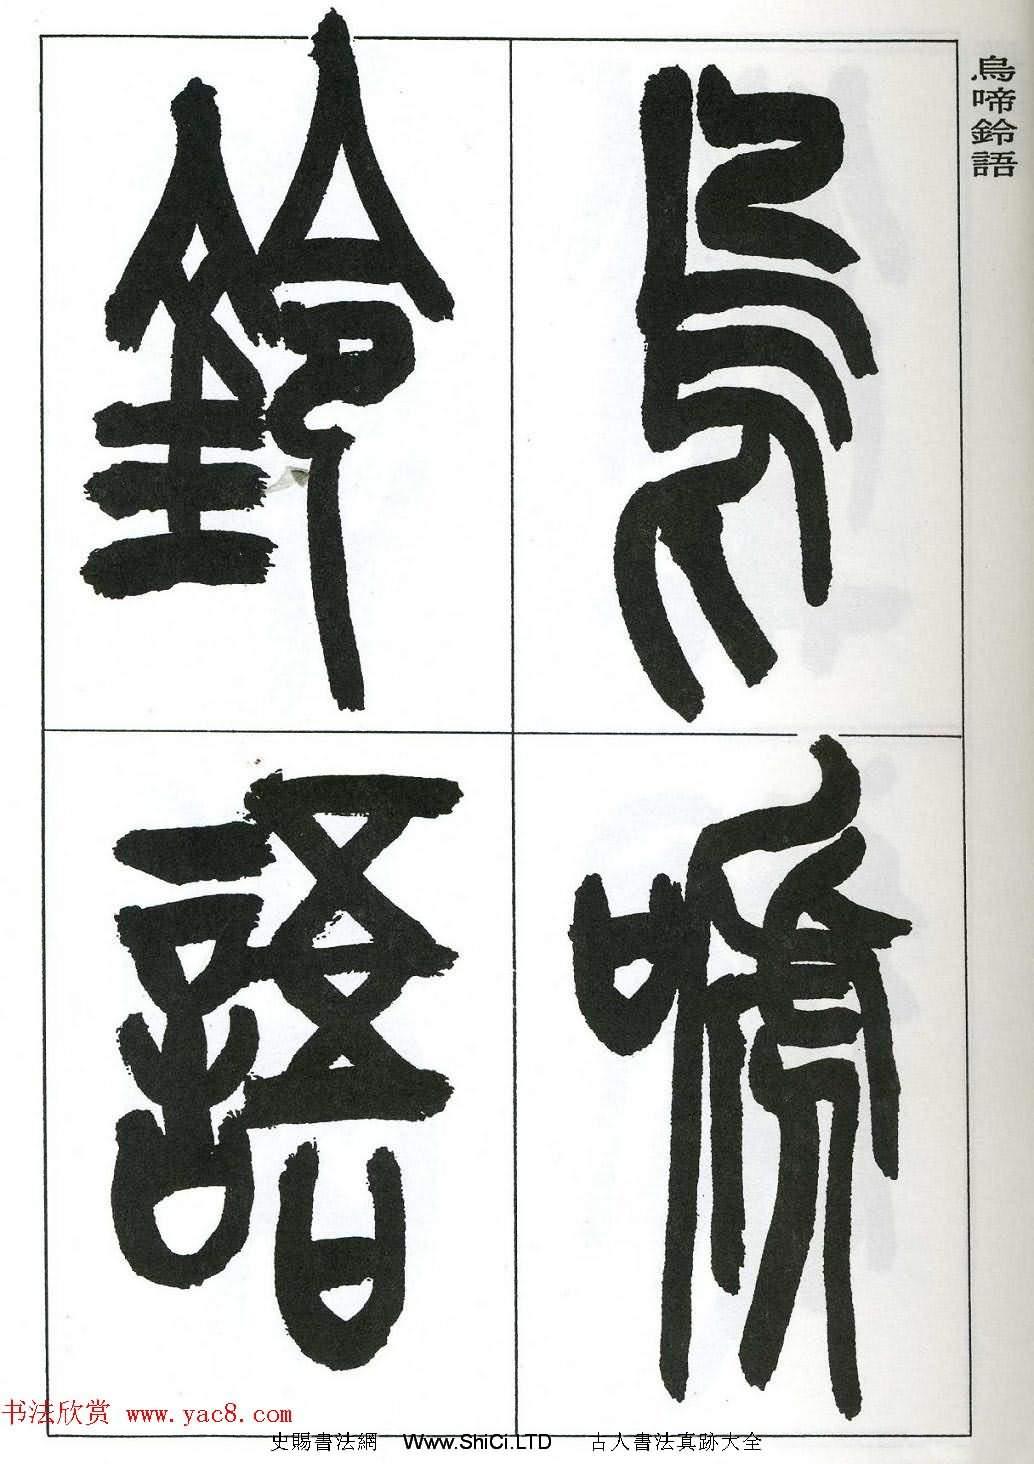 著名藝術家來楚生篆書真跡欣賞《魯迅詩三首》(共44張圖片)